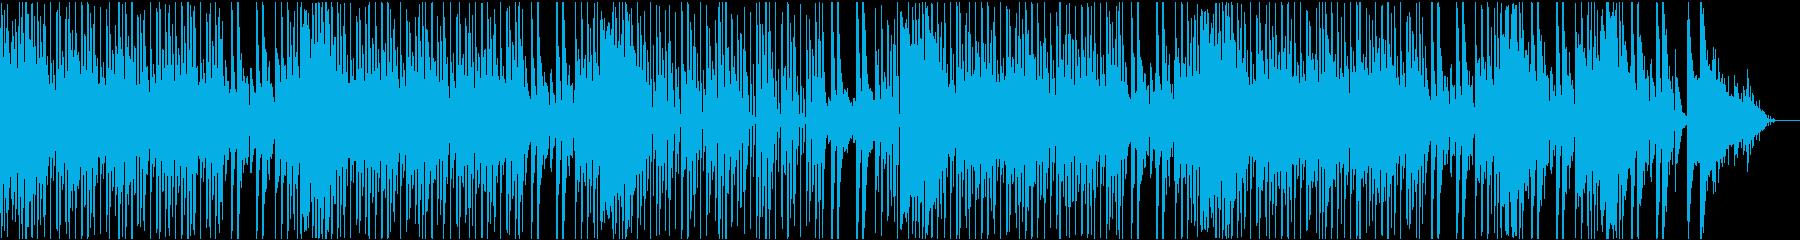 はちゃめちゃとびきりかわいいポップロックの再生済みの波形